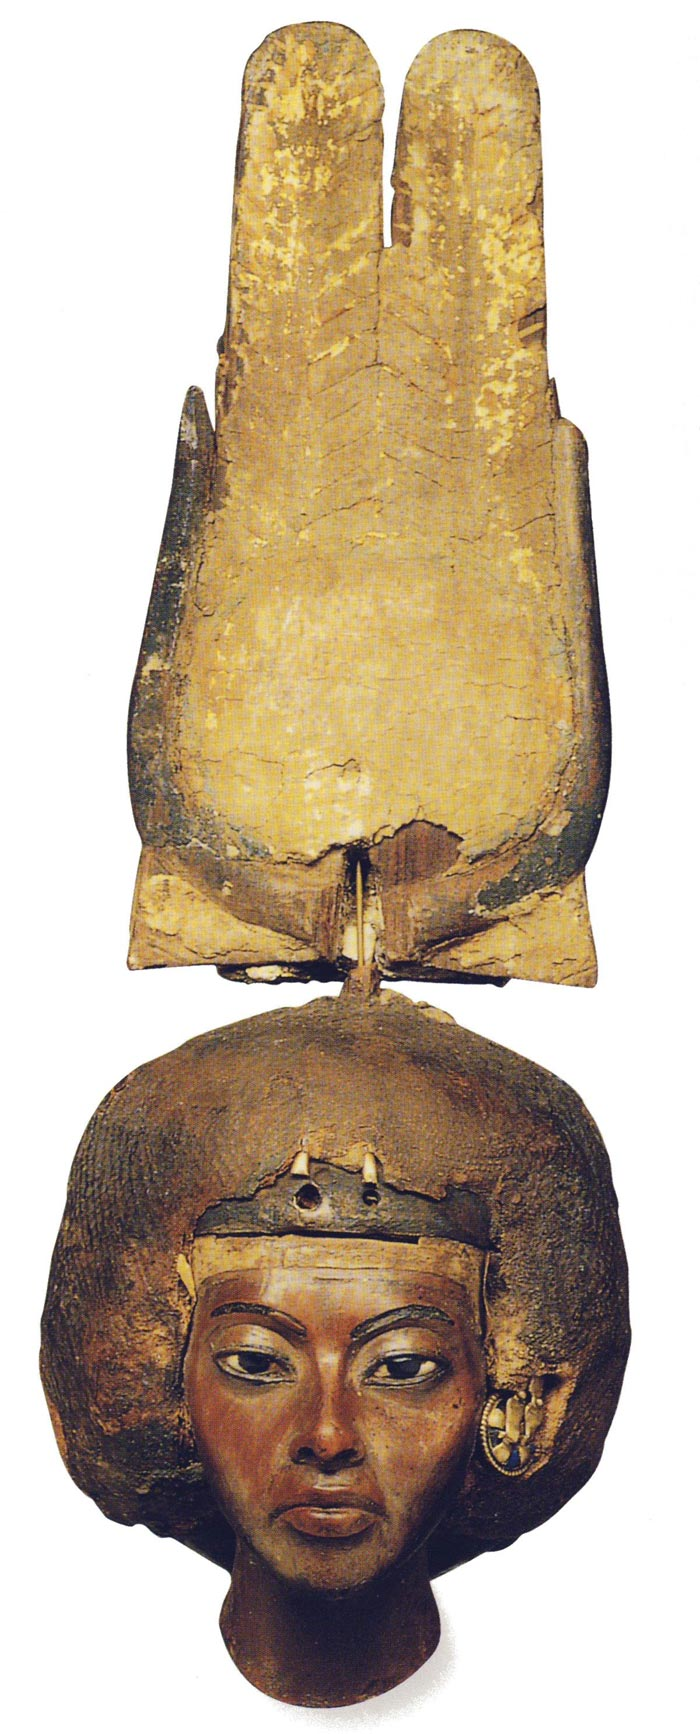 Fig. 2. (izquierda) Cabeza de Tiy con corona hathórica. Fotografía publicada en la obra de M. Camiano, Antiguo Egipto, Madrid, 2001, p. 179.